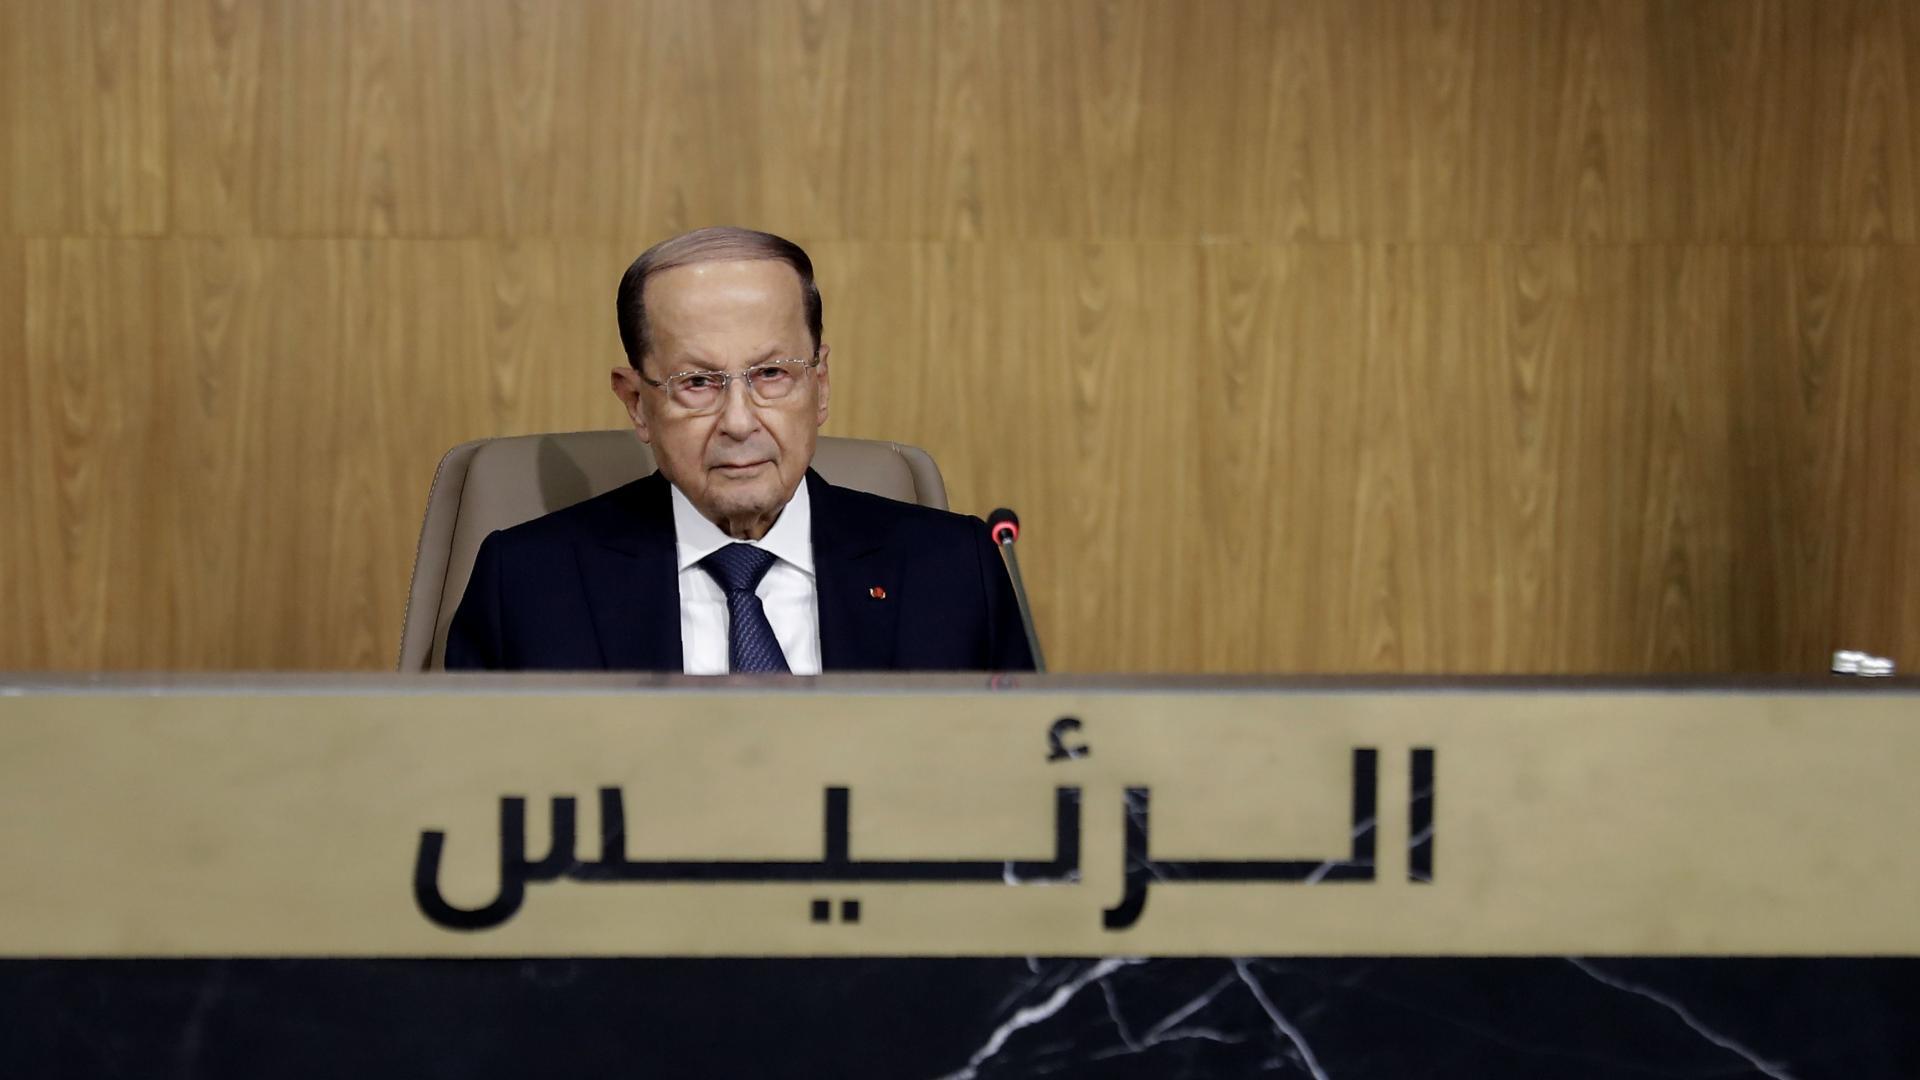 3 زعماء عرب فقط بقمة لبنان الاقتصادية.. من هم؟ وكيف علق رئيس لبنان على ذلك؟